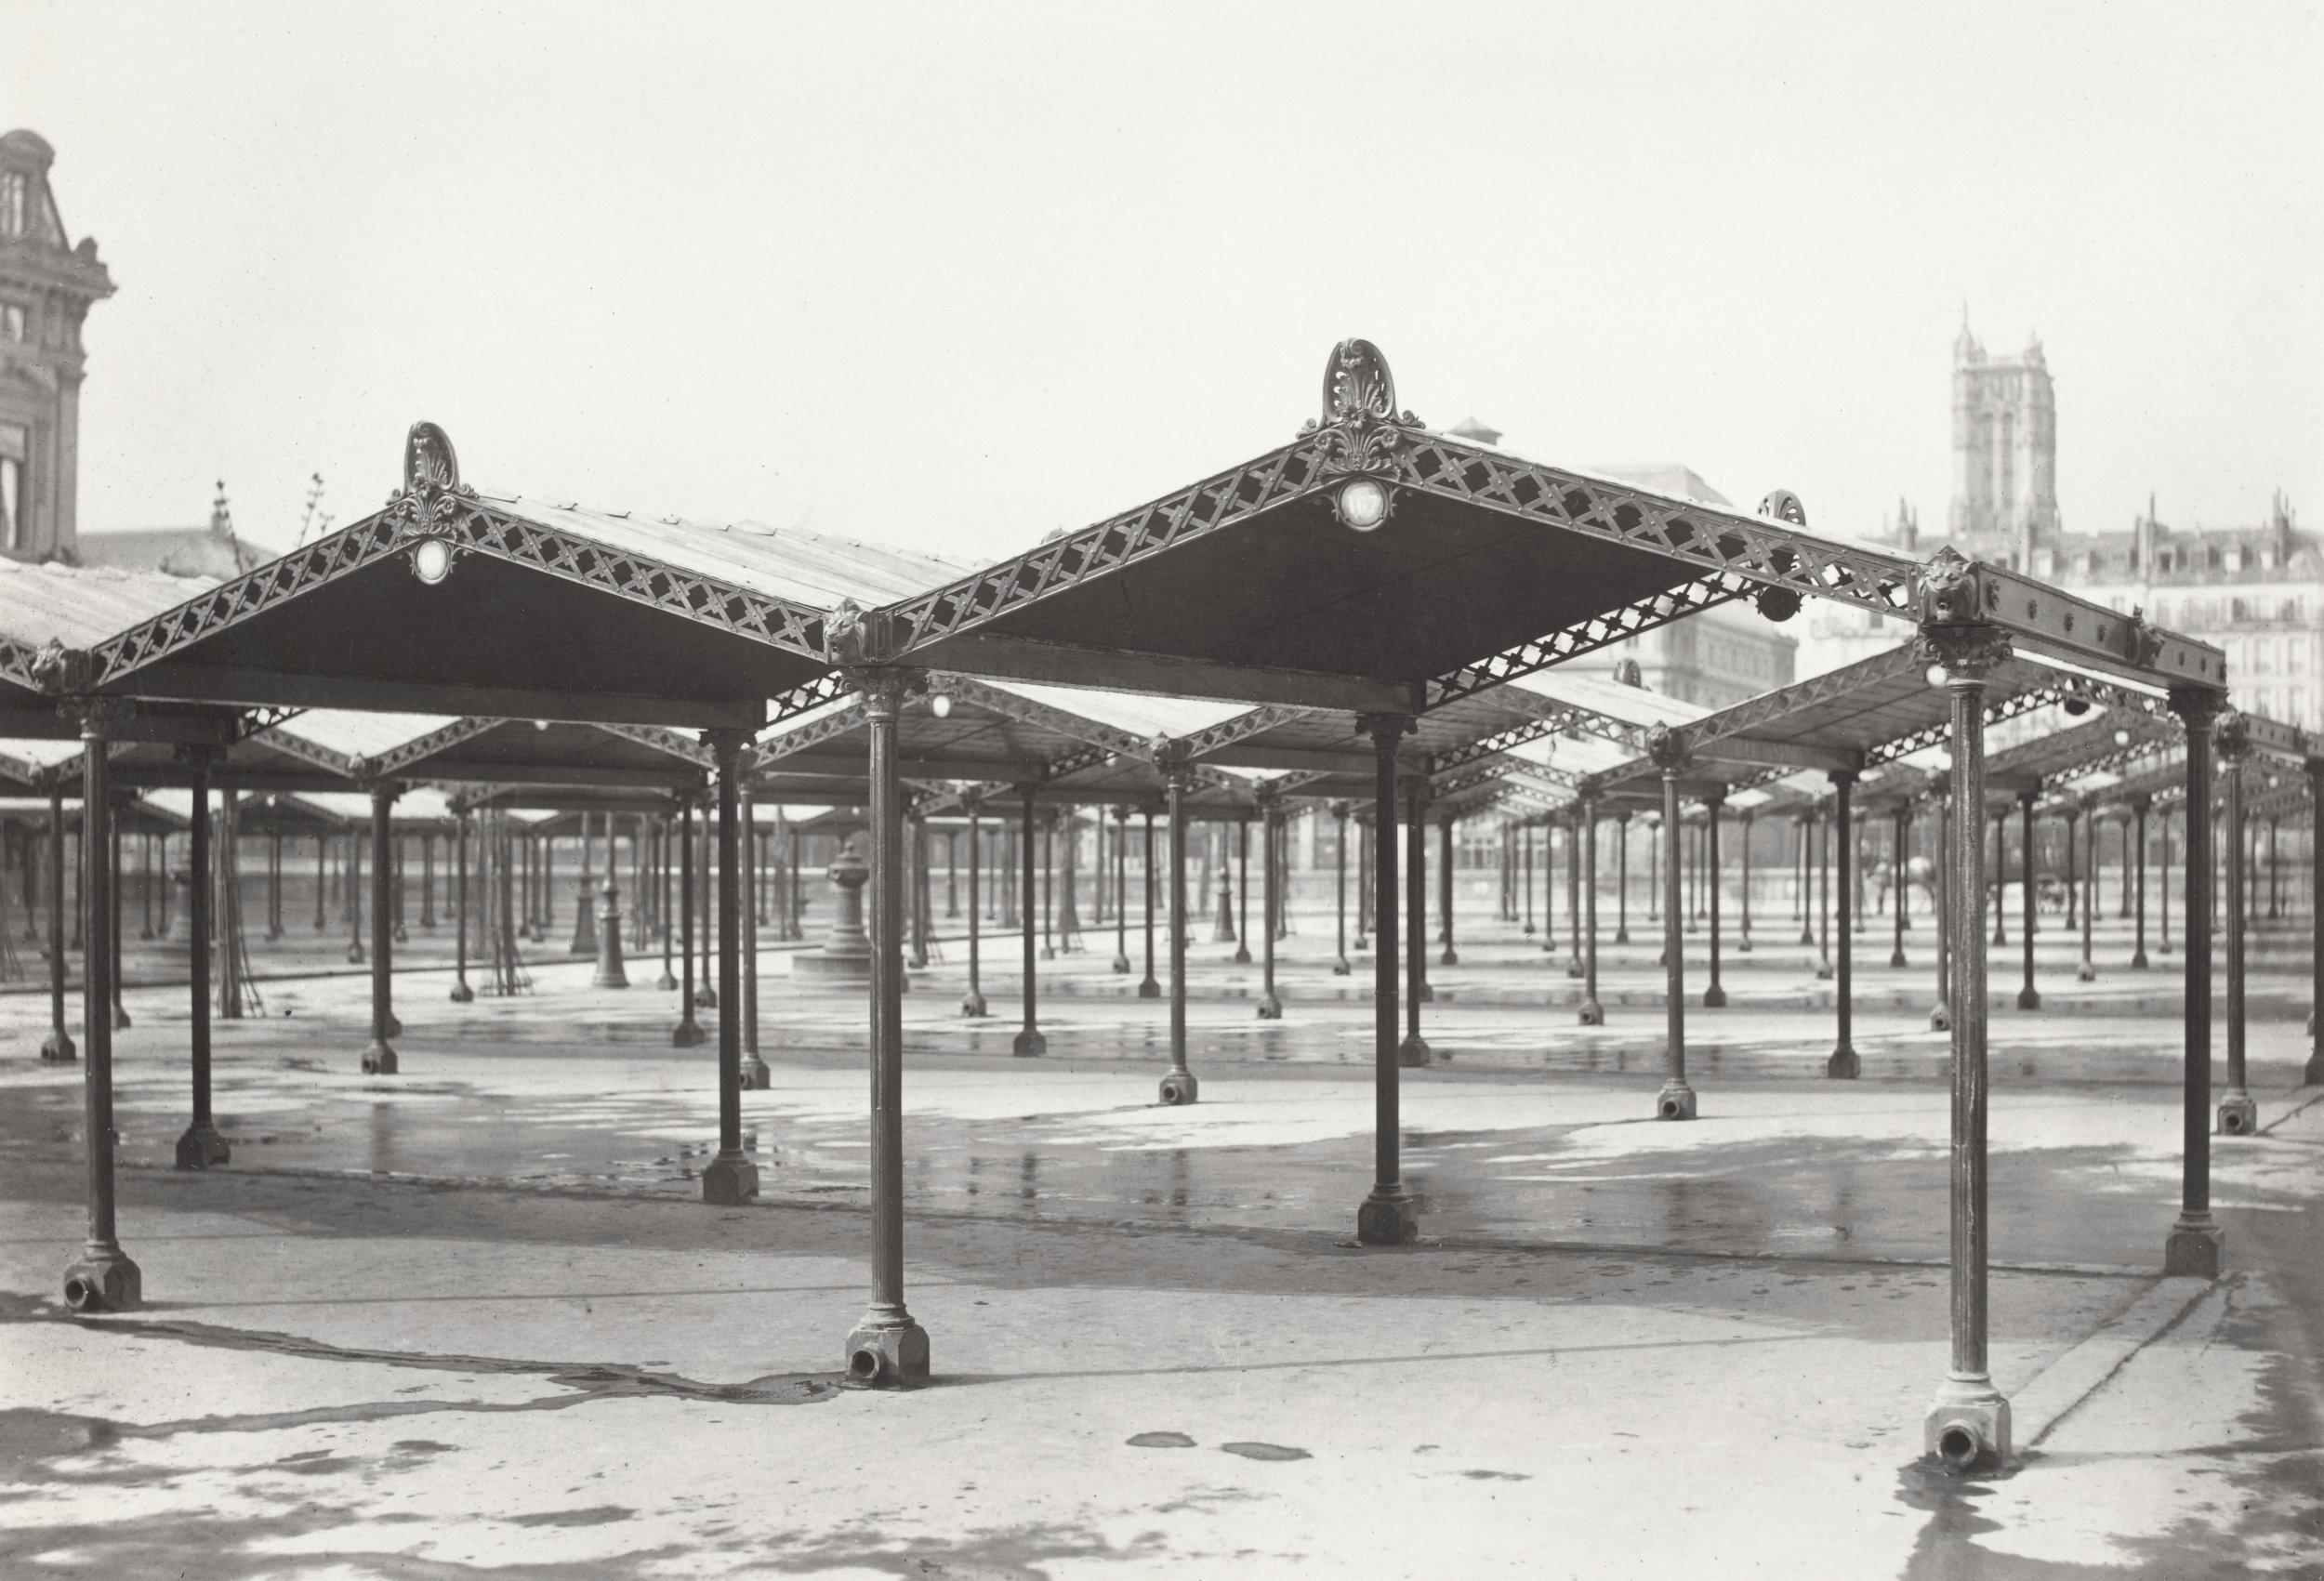 Charles Marville, Abris en fer et en fonte Marché aux Fleurs de la Cité, vers 1865.  Source:  Lien